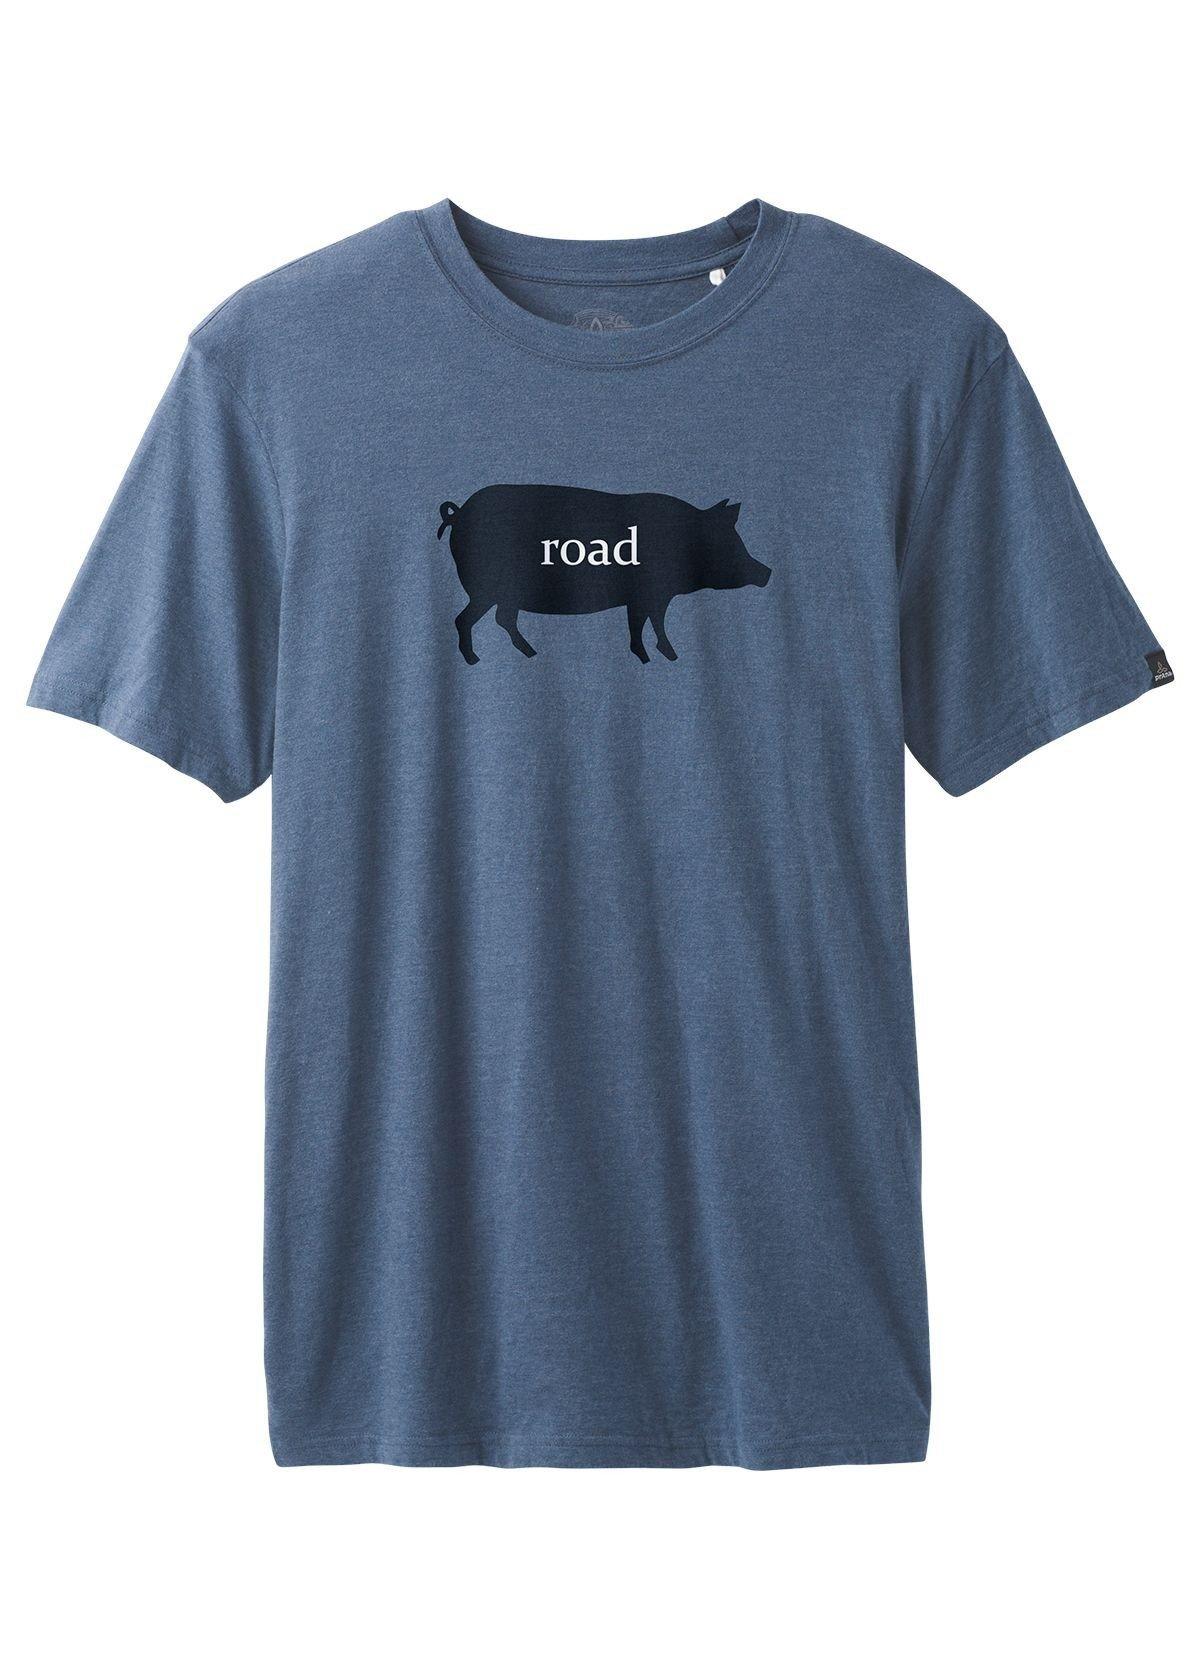 prAna Road Hog Journeyman Tee Shirt JR1prHT